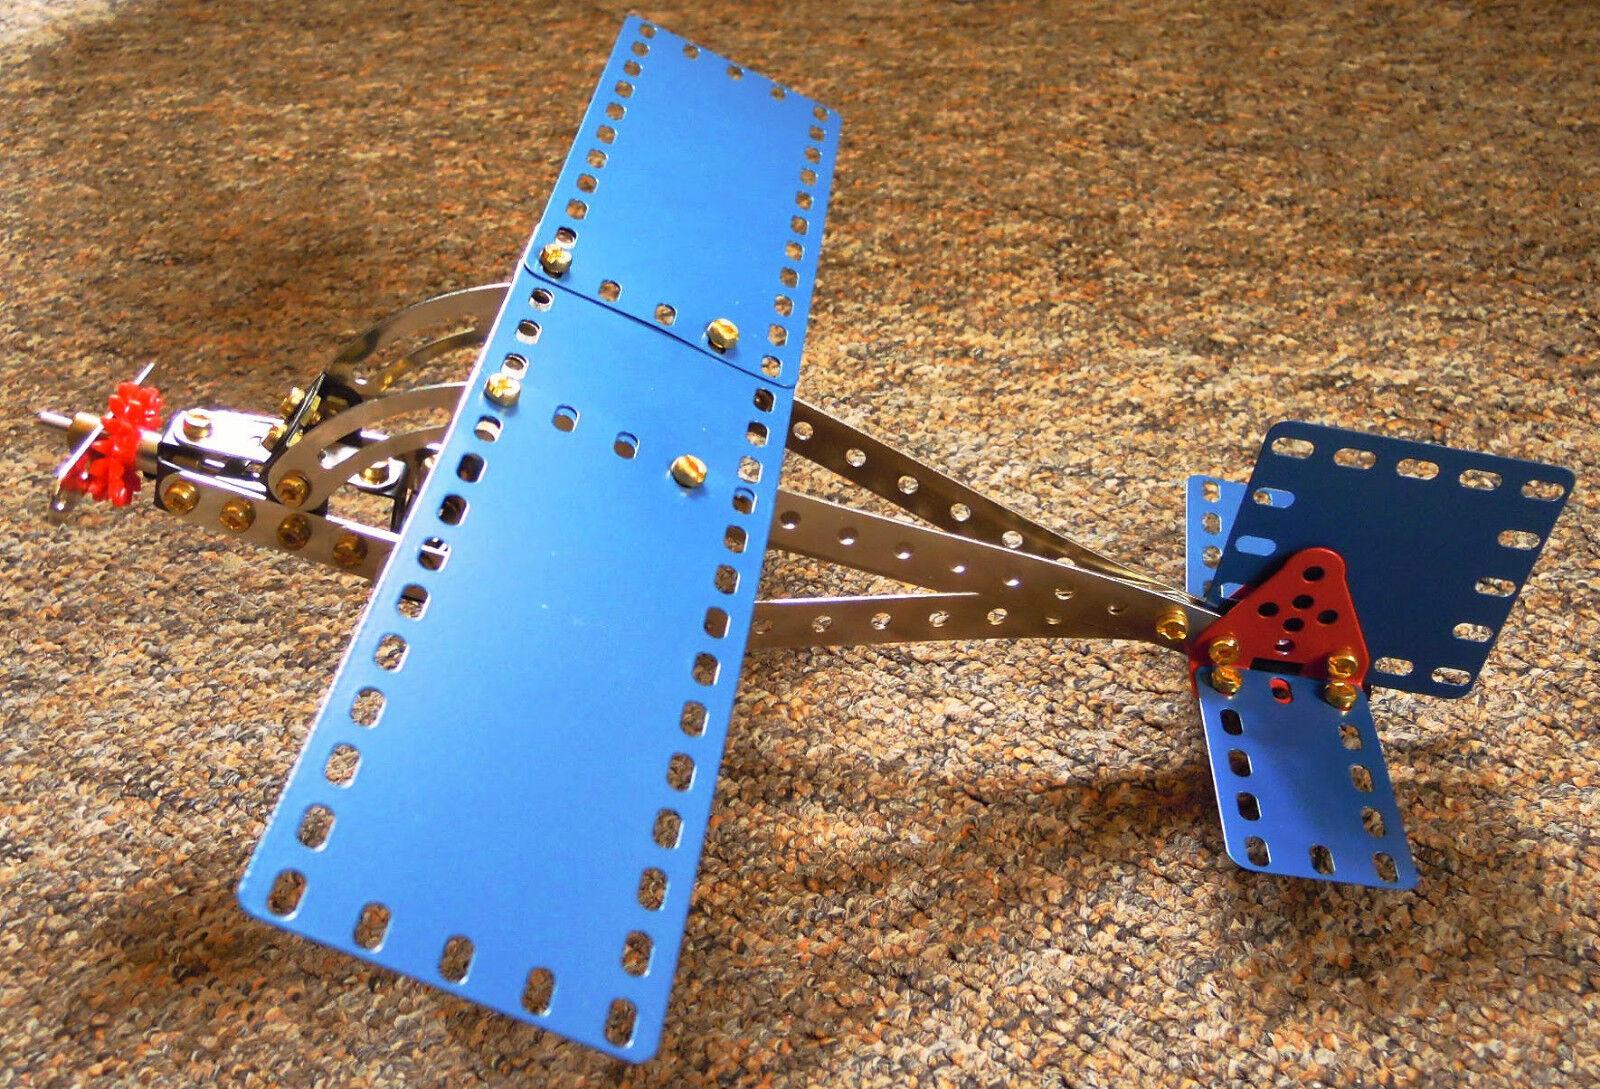 Märklin 45292  Metall-Baukasten Deko-Sondermodell Deko-Sondermodell Deko-Sondermodell Metall-Flugzeug, N E U & O V P 988b75